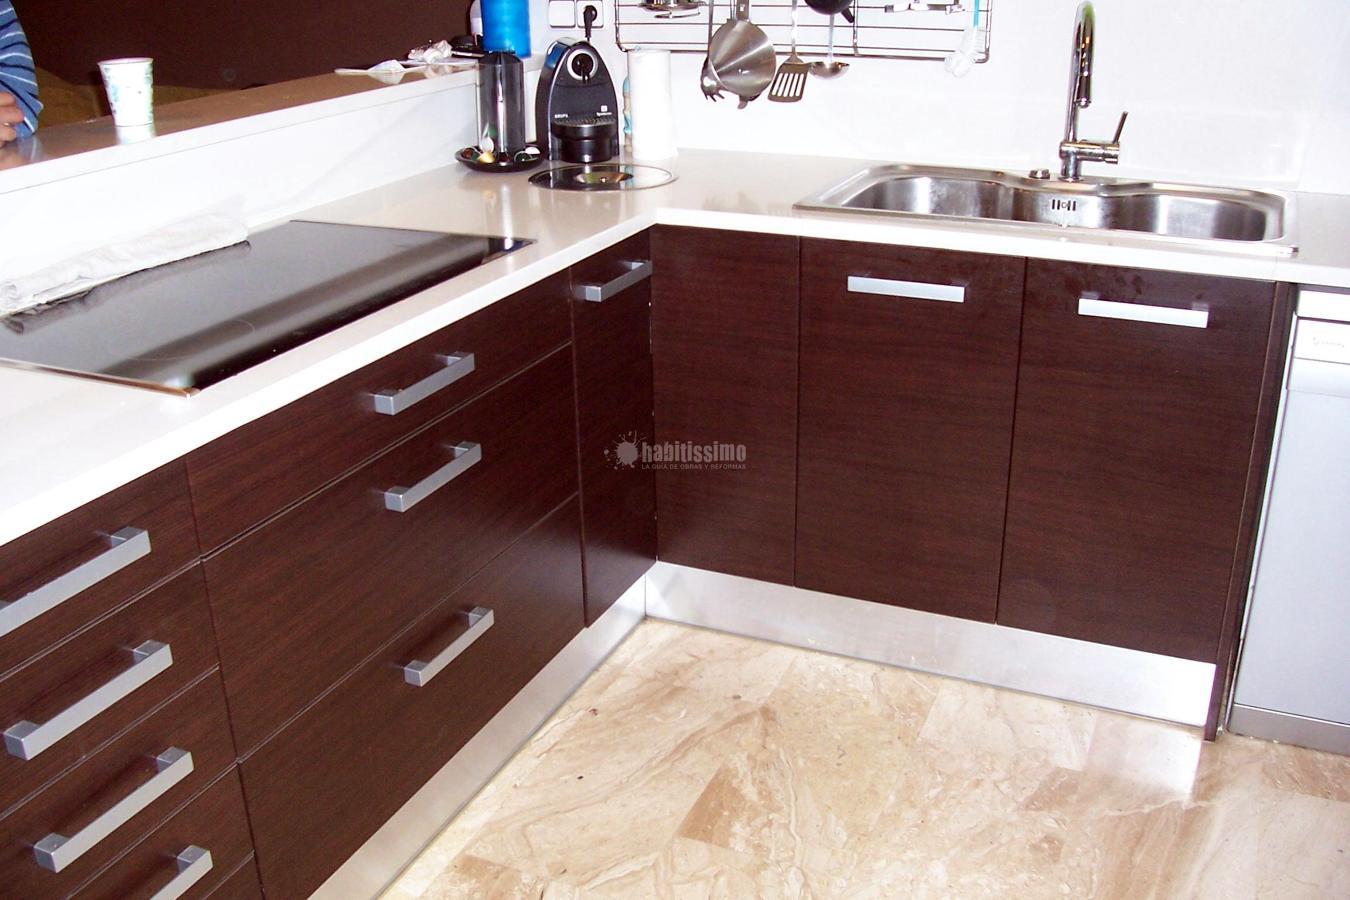 Foto muebles cocina puertas interiorismo fabricantes for Muebles alvarez